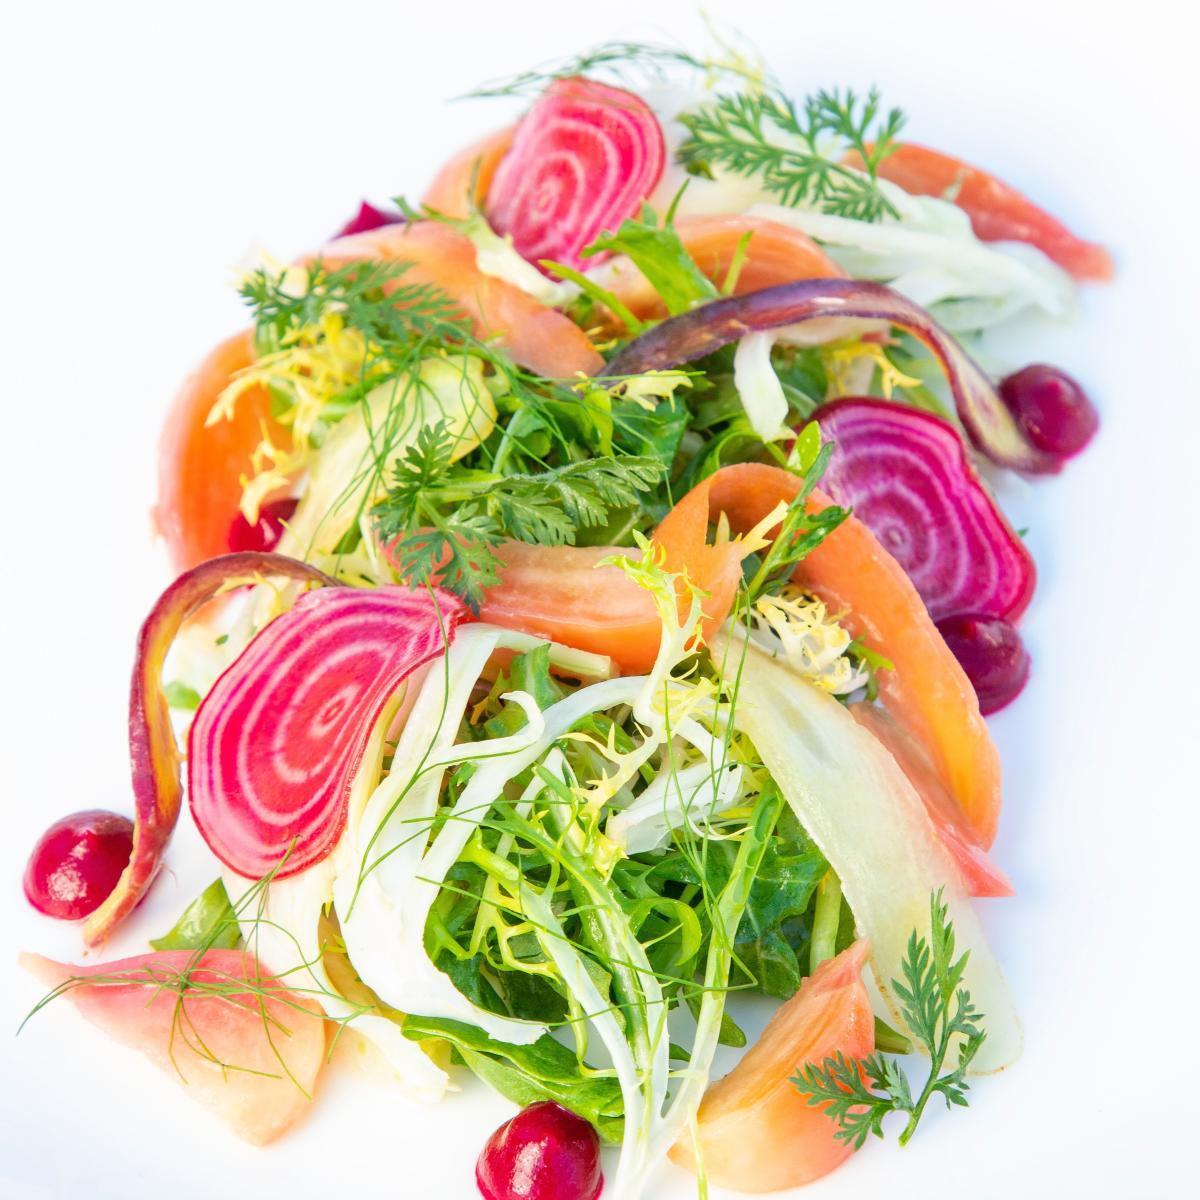 La Quinta resort salad